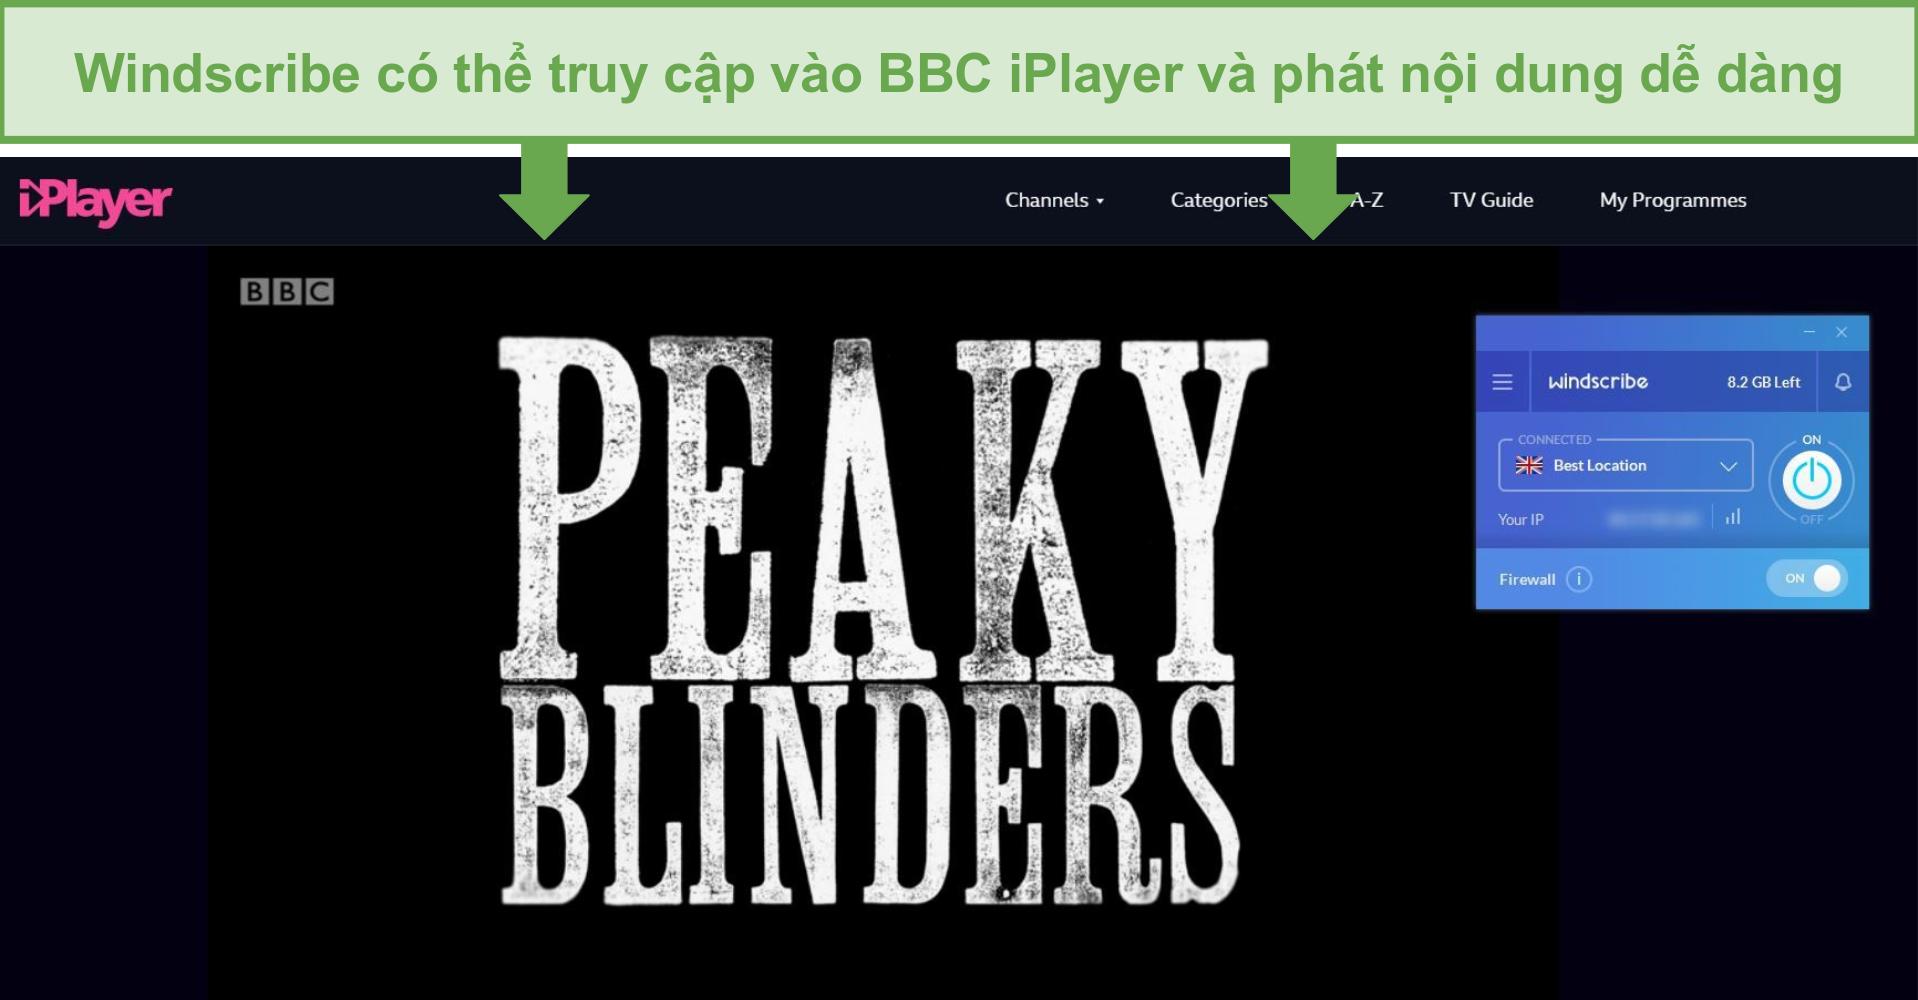 Ảnh chụp màn hình phiên bản miễn phí của Windscribe bỏ chặn BBC iPlayer.